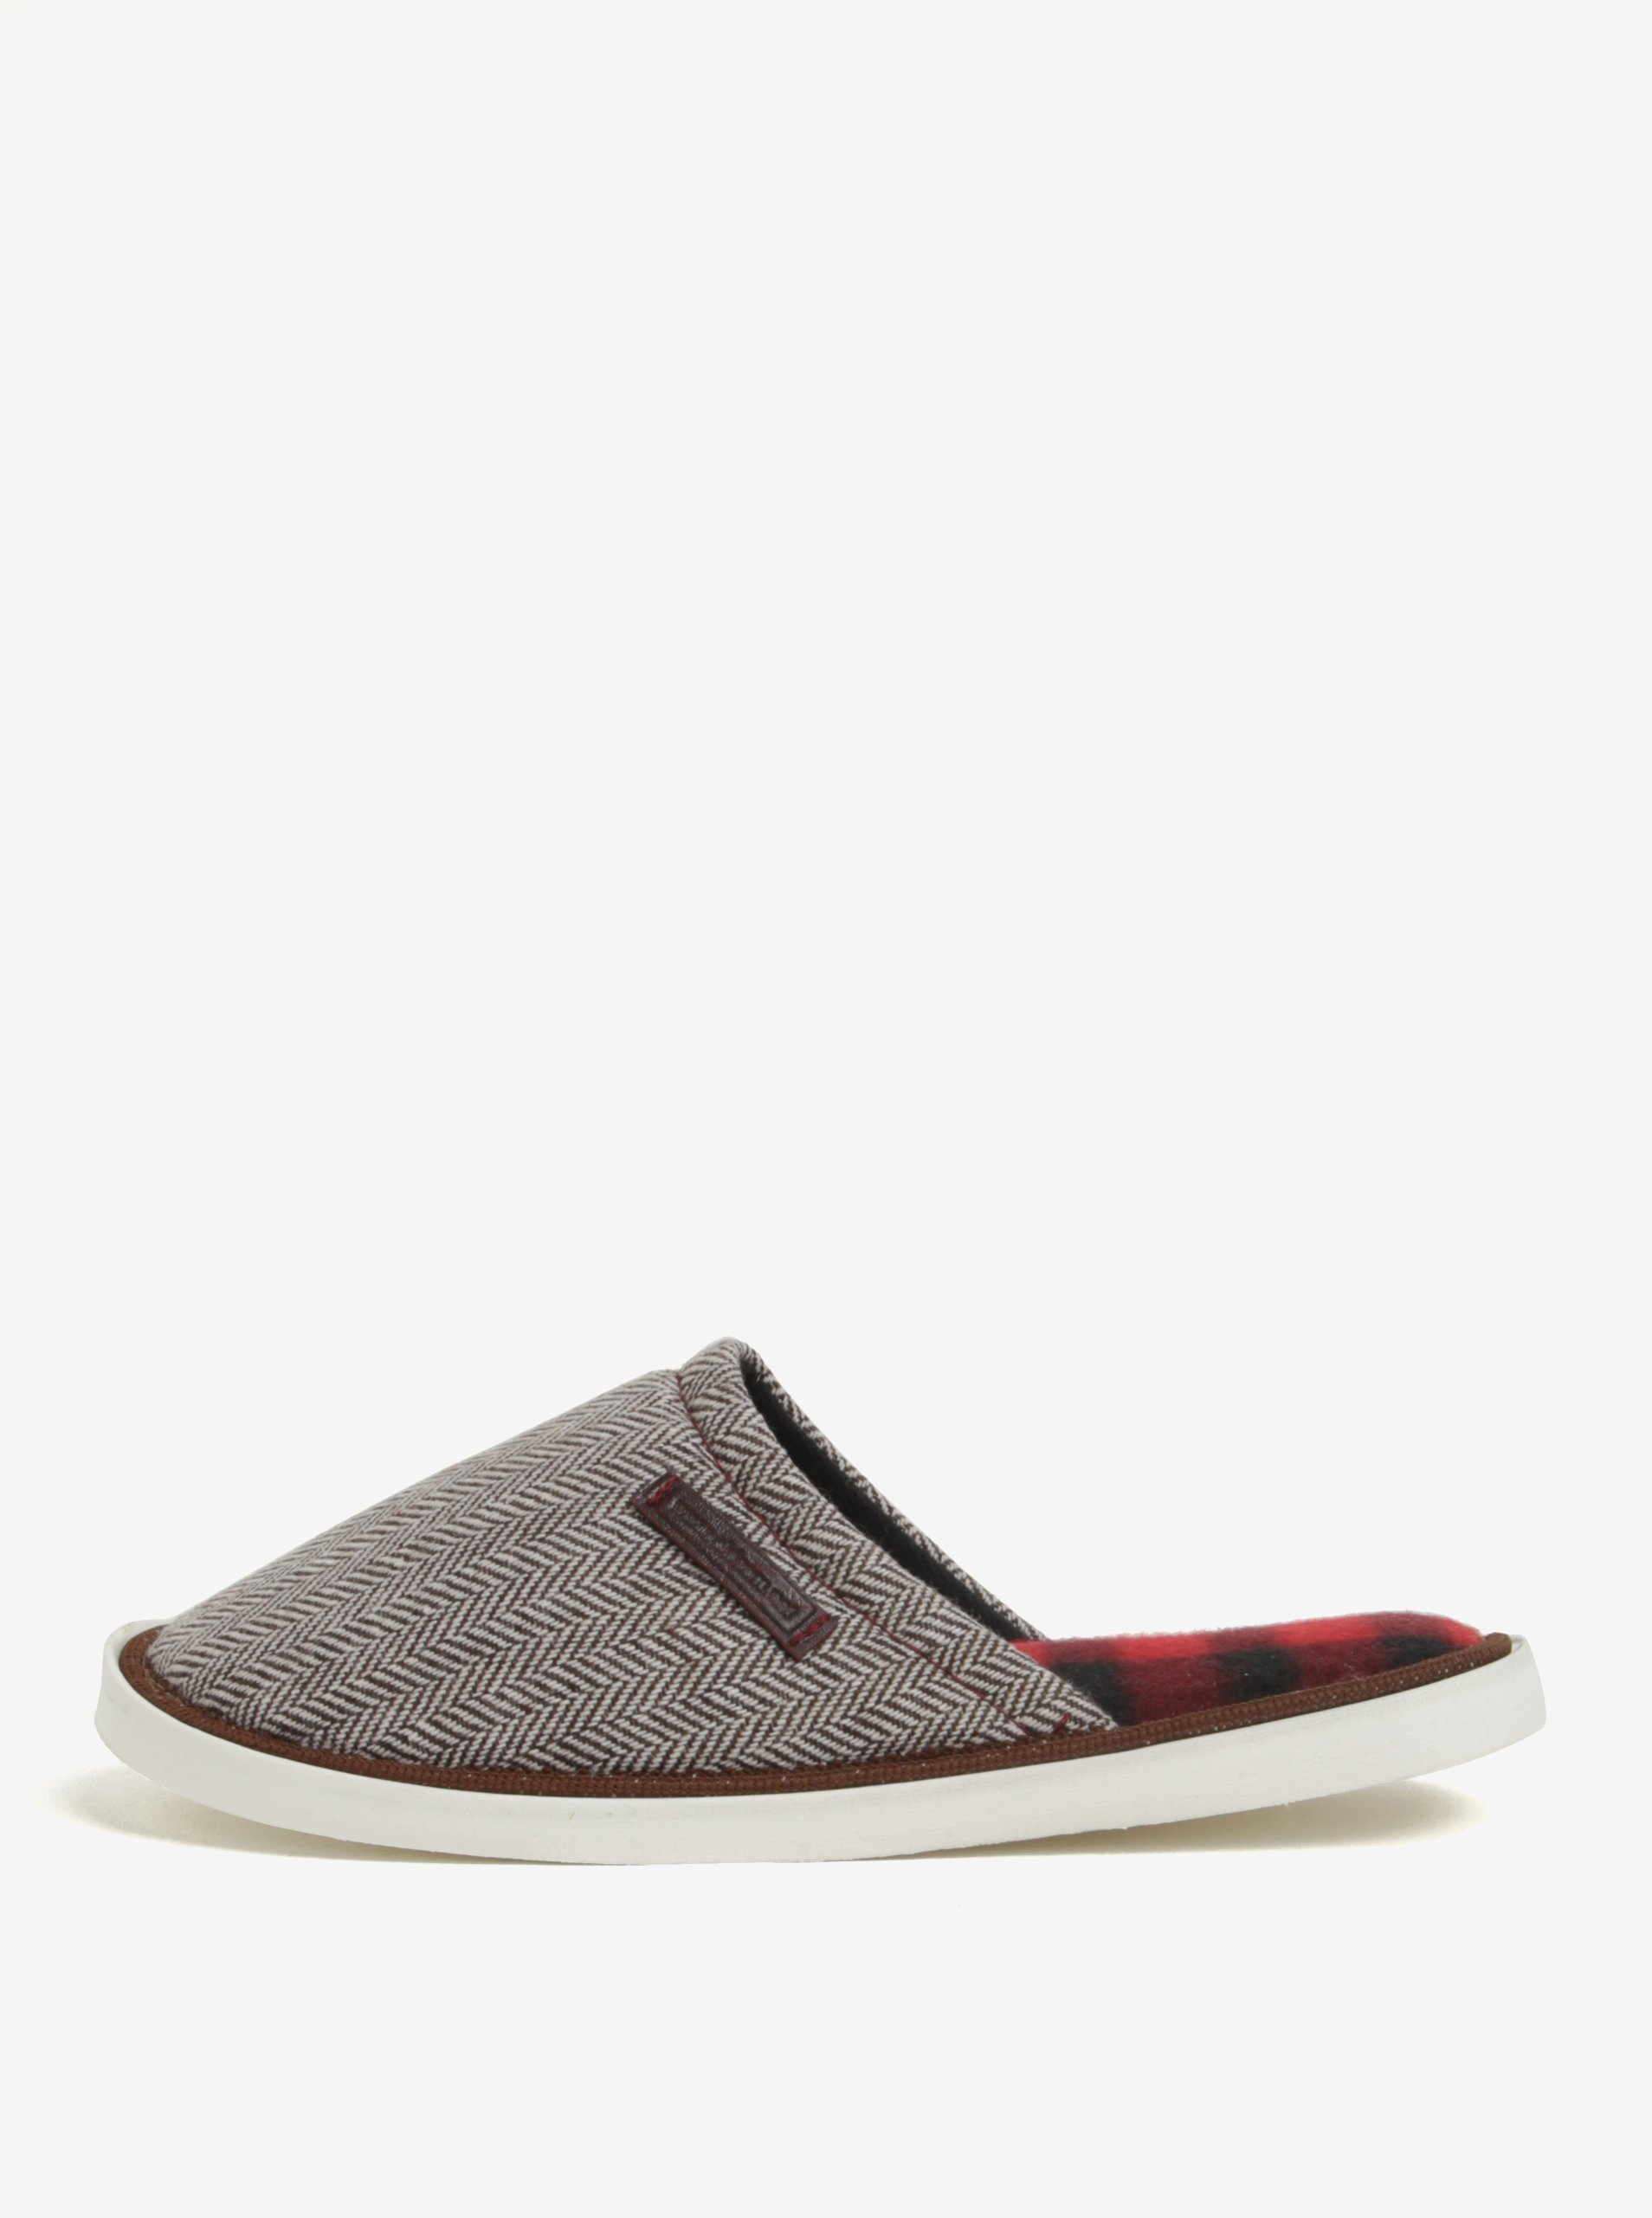 Krémovo-hnědé unisex vzorované papuče Oldcom Luxhome